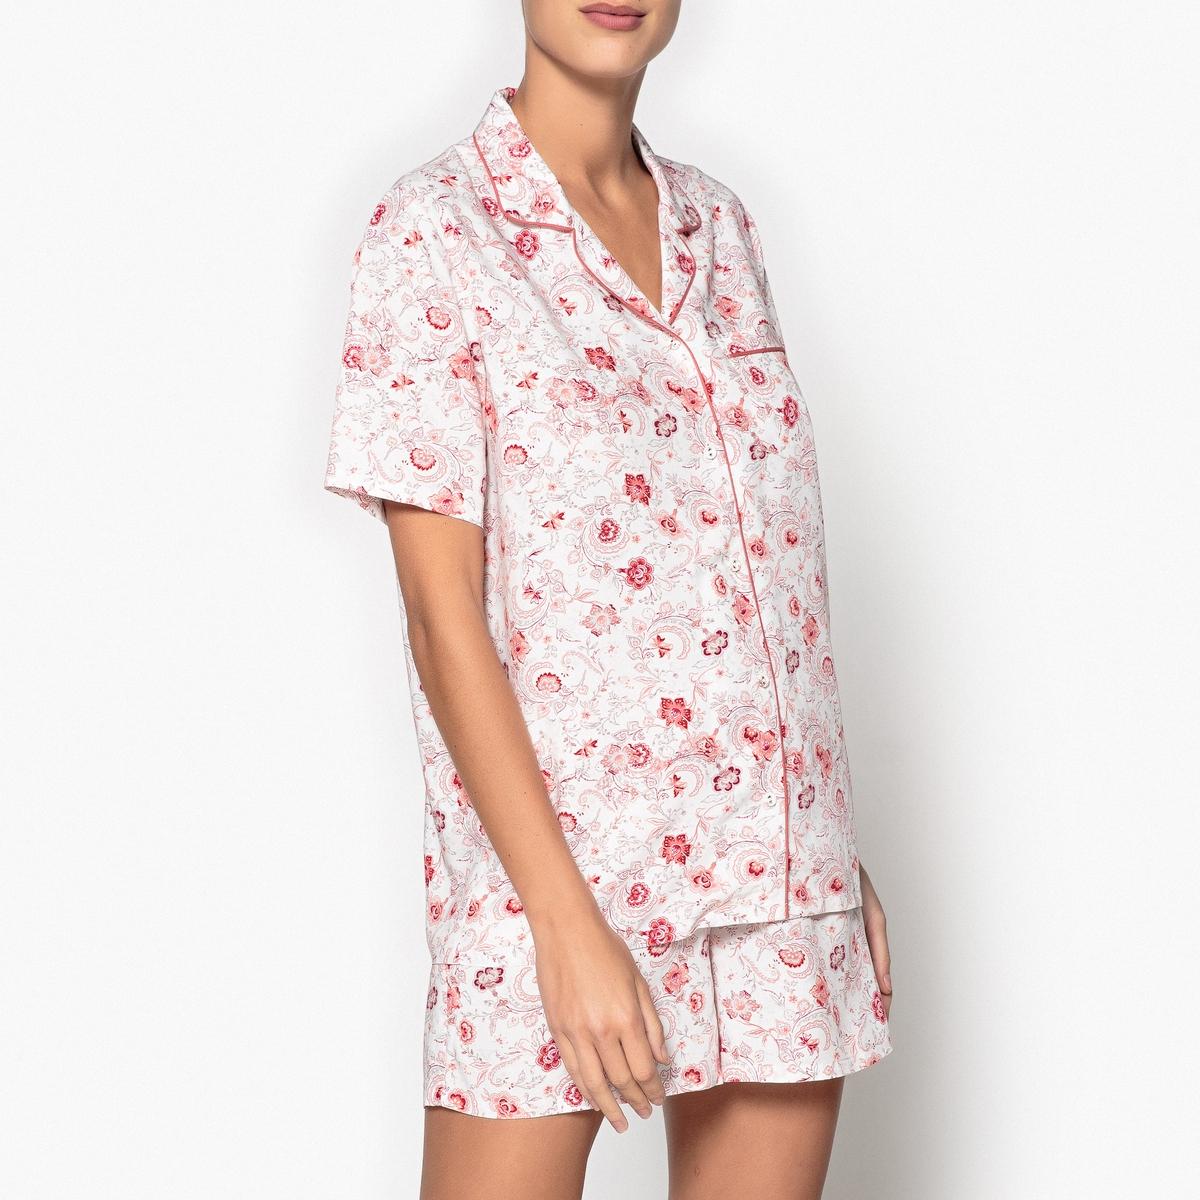 Пижама: шорты + рубашкаОписание:Верх пижамы в виде рубашки с красивым цветочным рисунком. Детали•  Прямой покрой. •  Короткие рукава. •  Низ с эластичным поясом. •  Длина : верх: 68,30 см, по внутреннему шву: 10,5 cмСостав и уход •  Материал : 100% вискоза. •  Машинная стирка при 30° с вещами схожих цветов. •  Стирать и гладить с изнаночной стороны. •  Машинная сушка запрещена. •  Гладить при низкой температуре.<br><br>Цвет: набивной рисунок